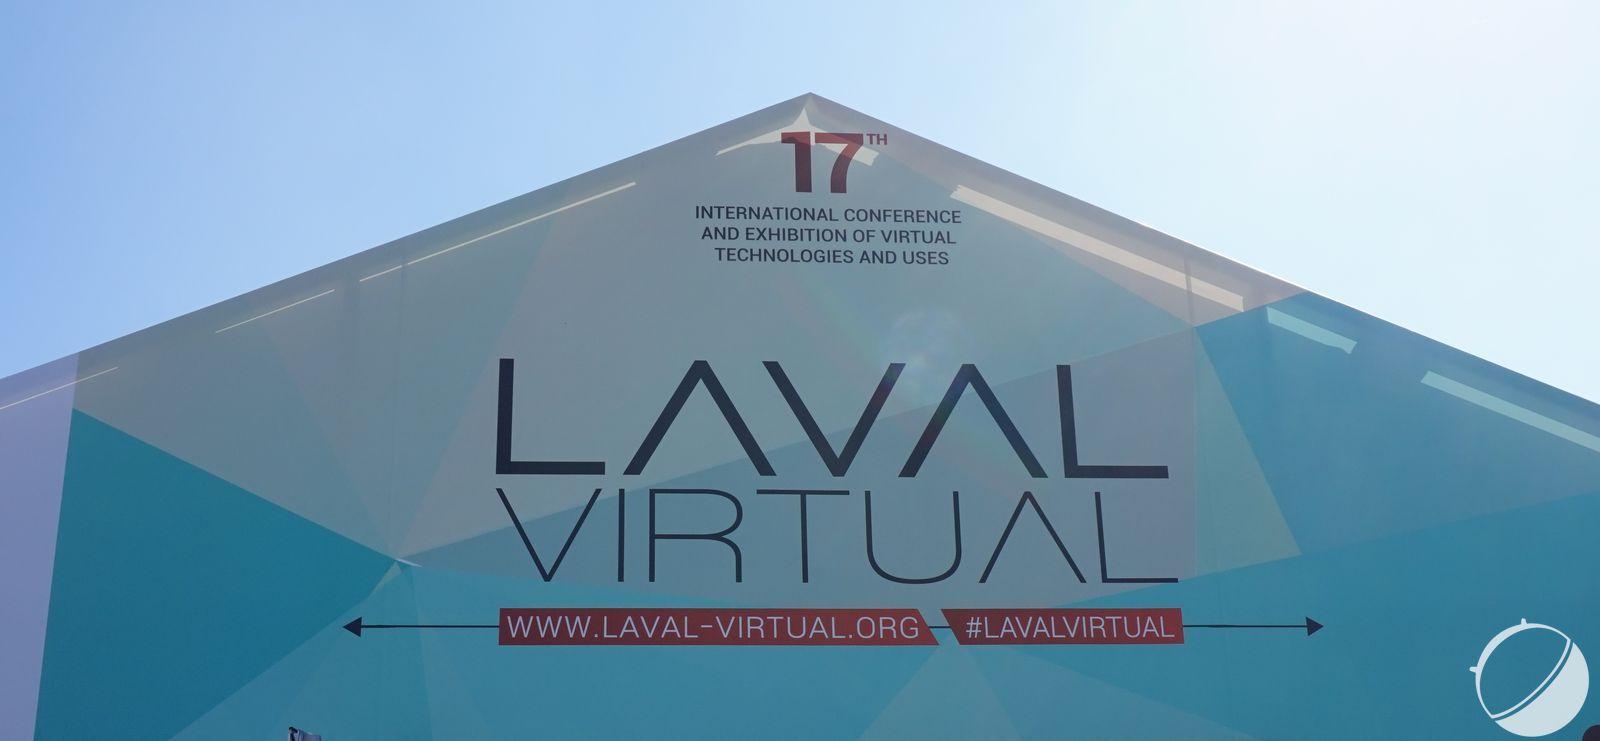 Laval Virtual : « La réalité virtuelle, ça fait plus de 10 ans qu'on l'utilise